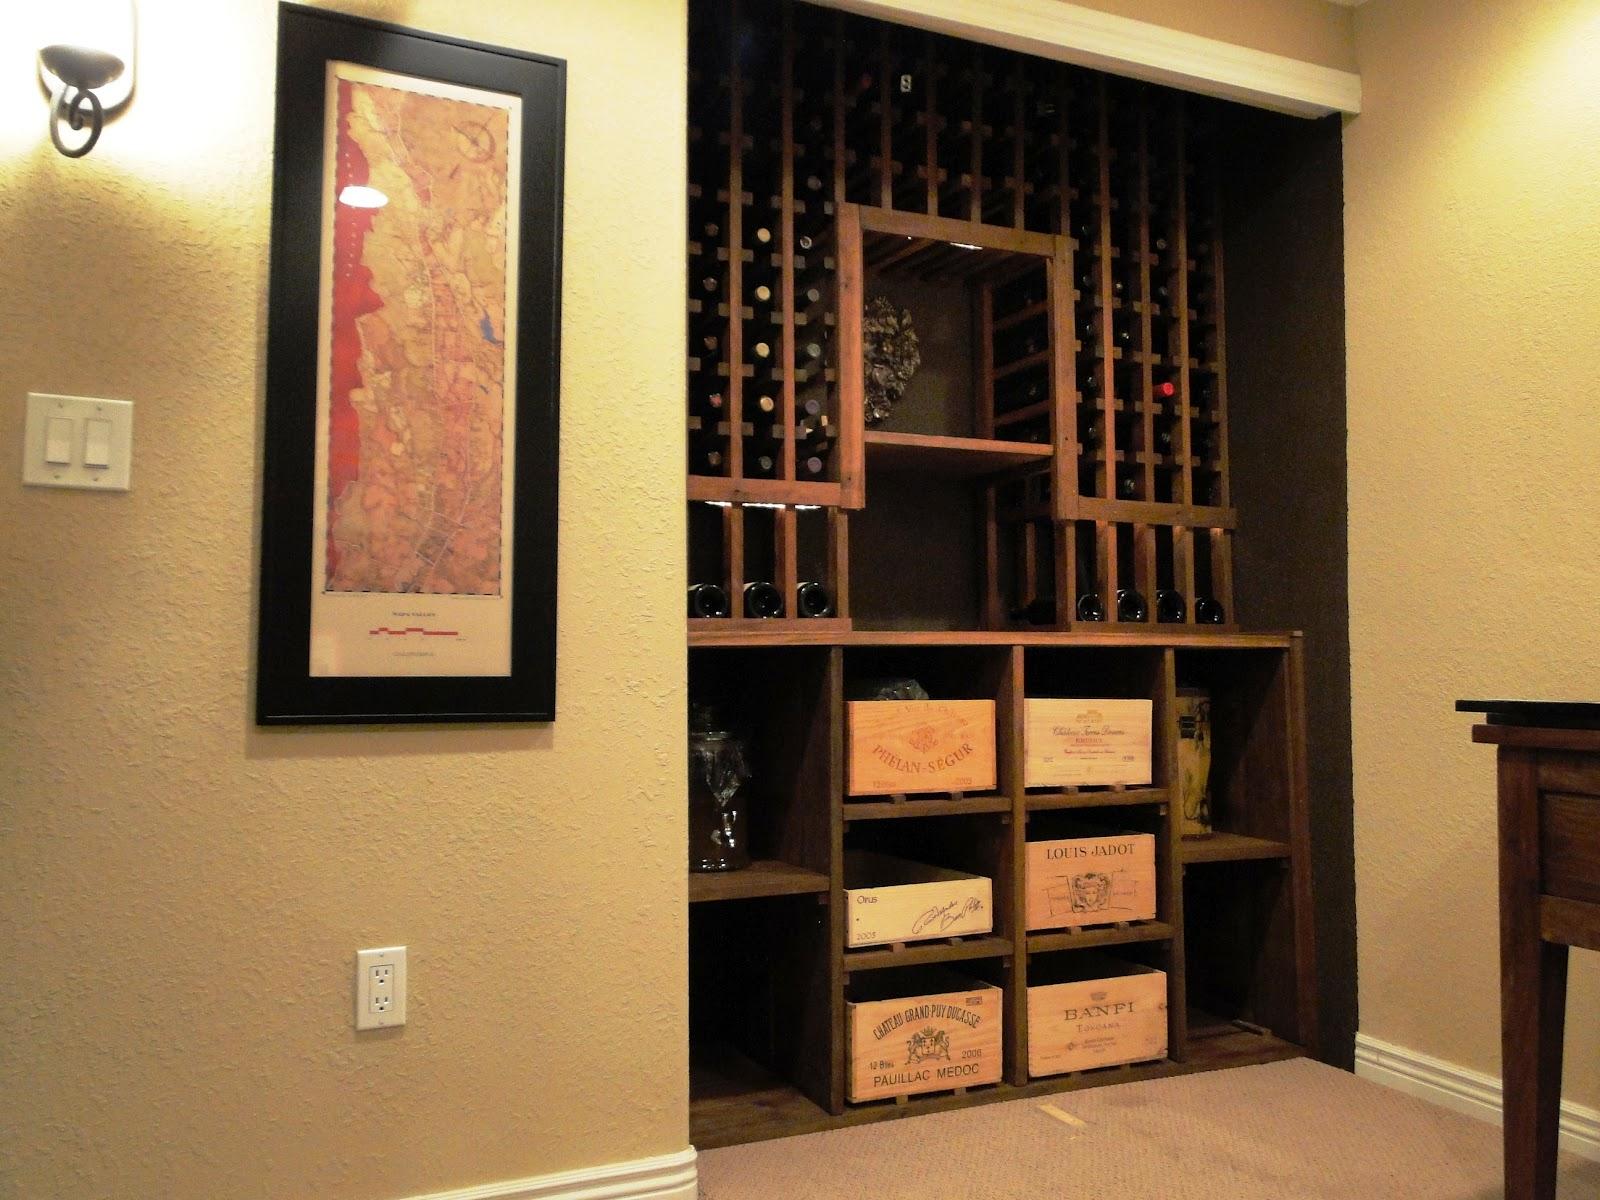 Small Basement Wine Cellar in Closet